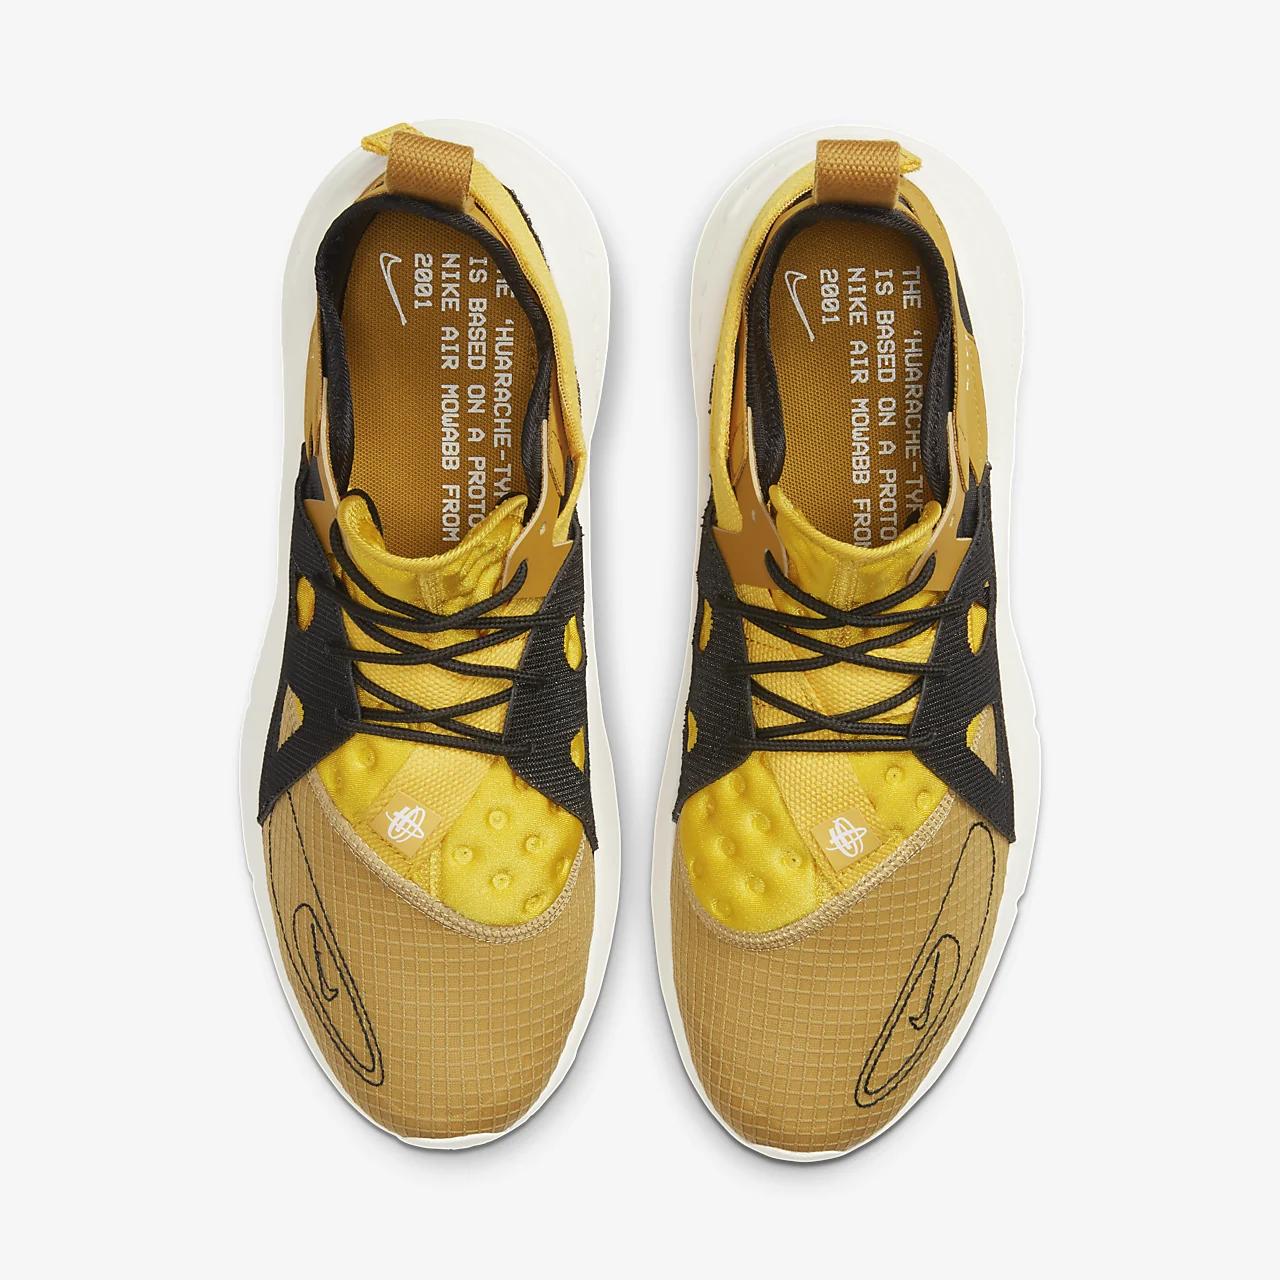 나이키 허라취 타입 남성 신발 BQ5102-700